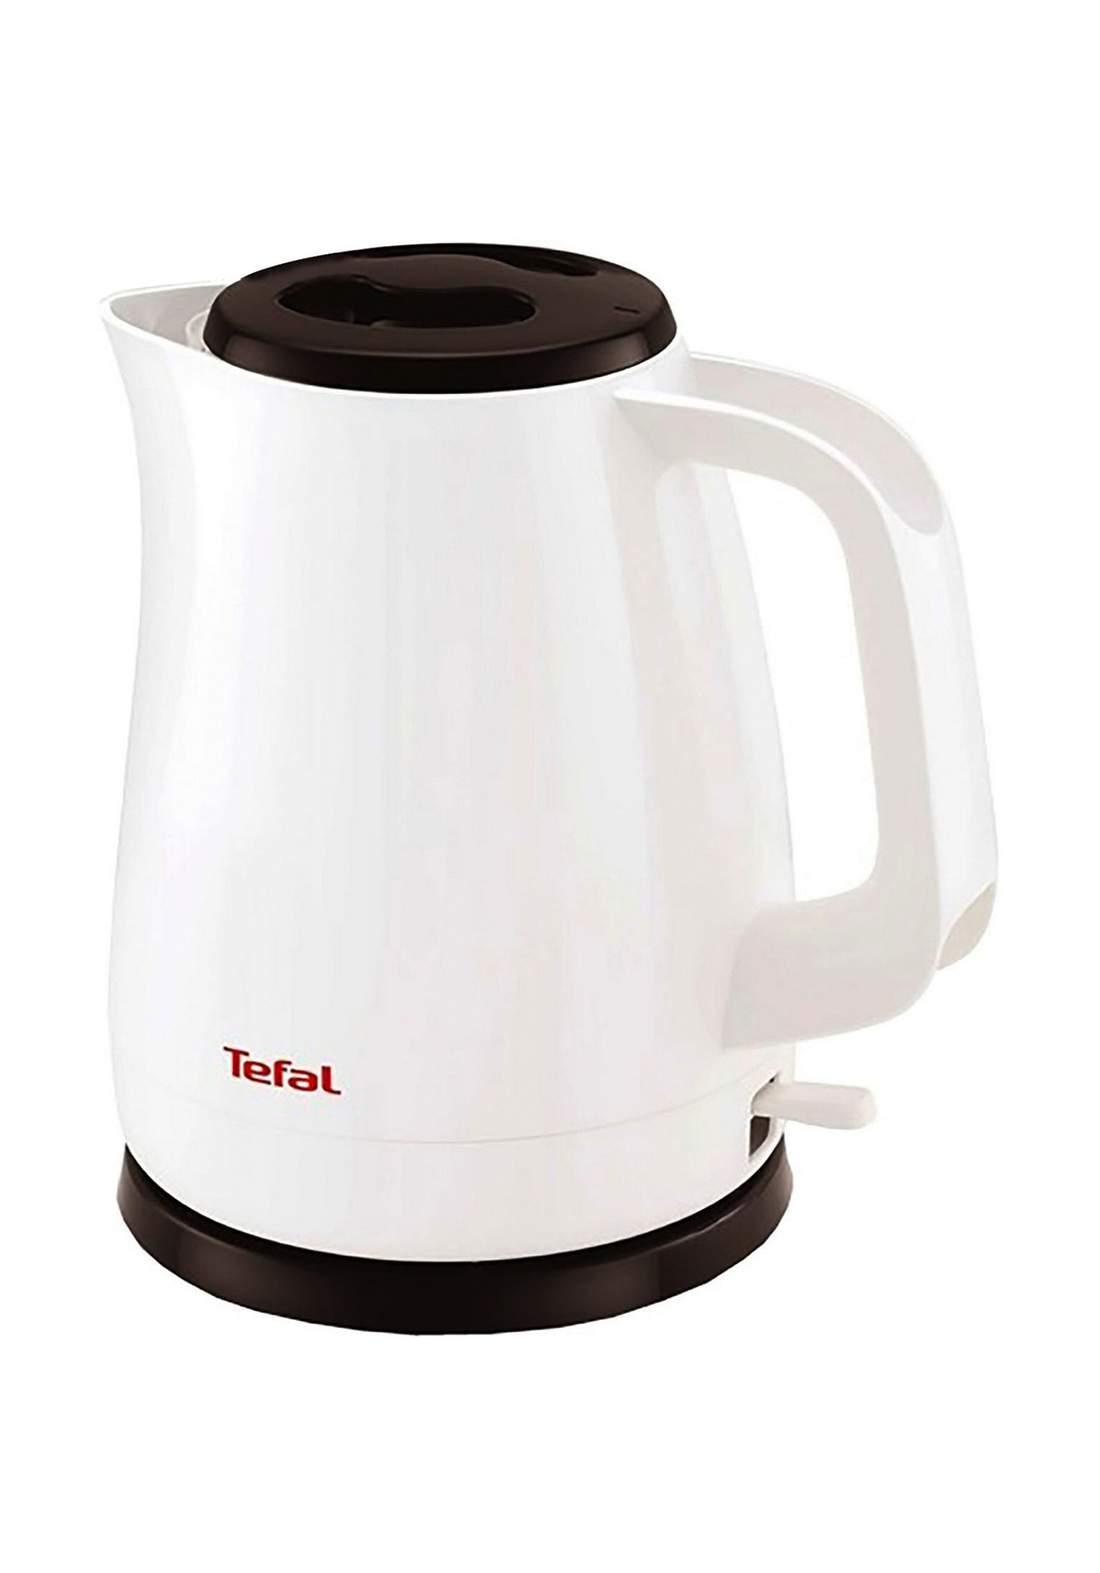 Tefal KO150127 Cordless Kettle 1.5L - White غلاية